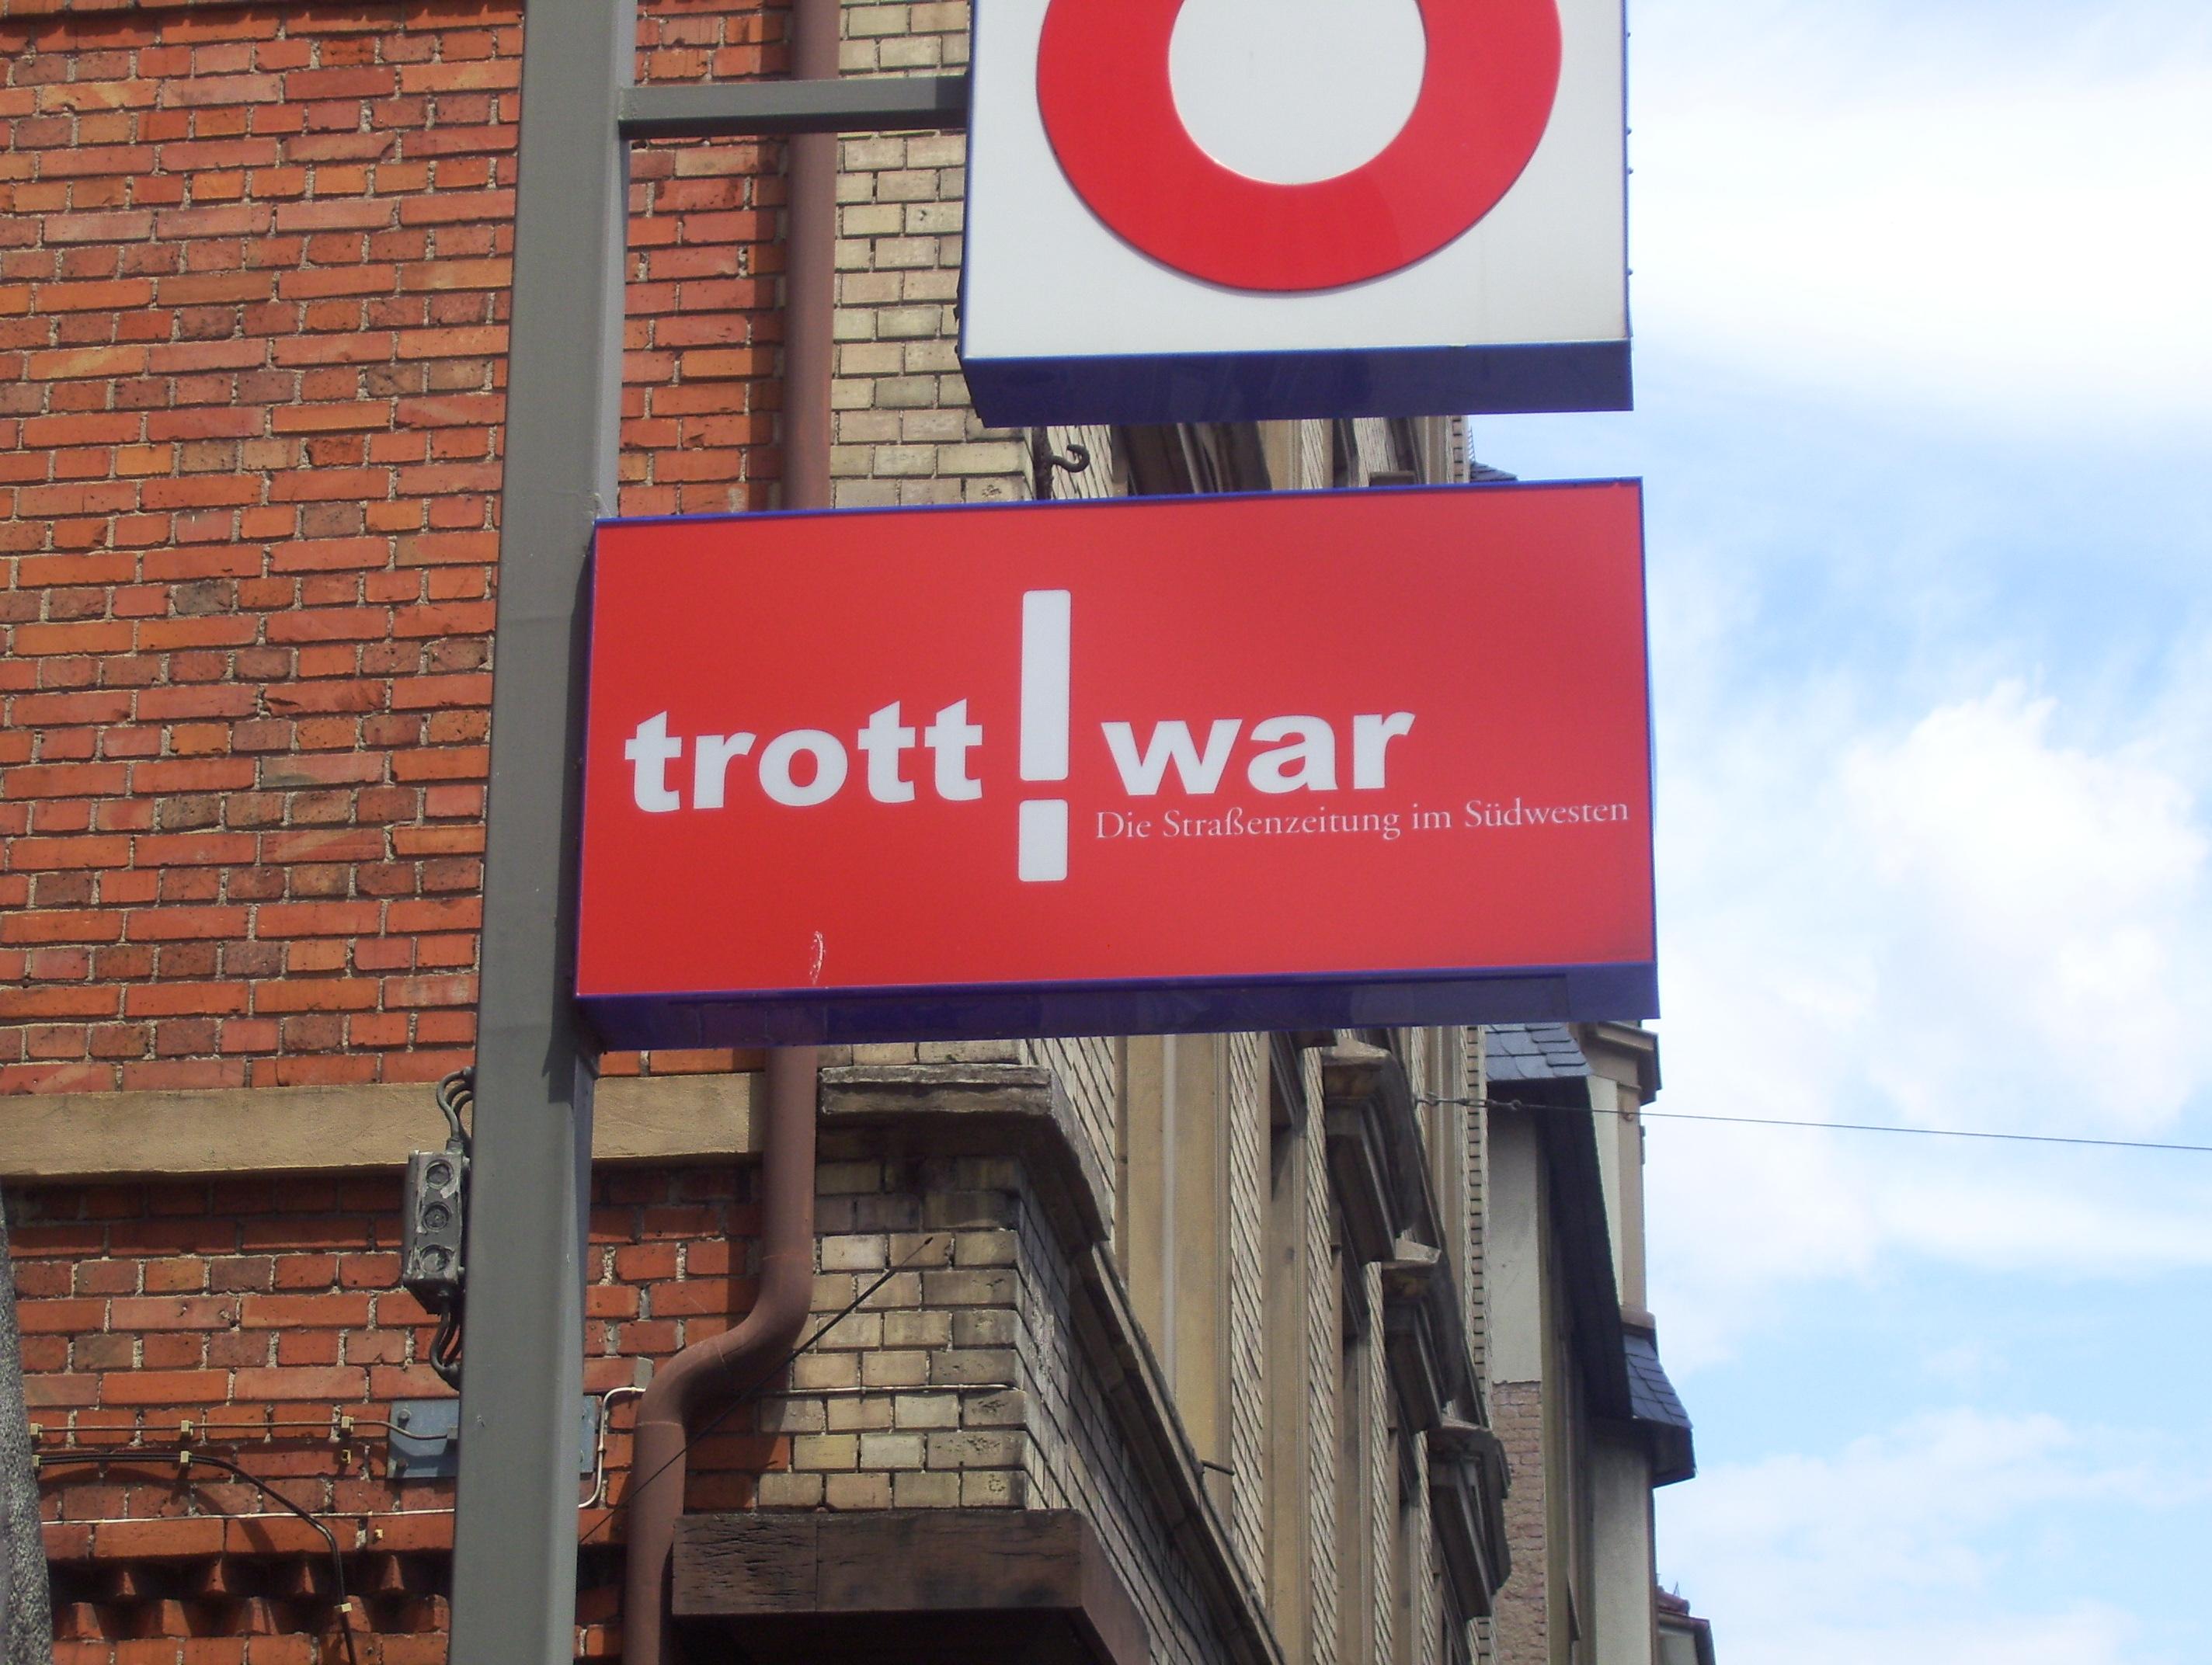 Trottwar-Redaktion Stuttgart